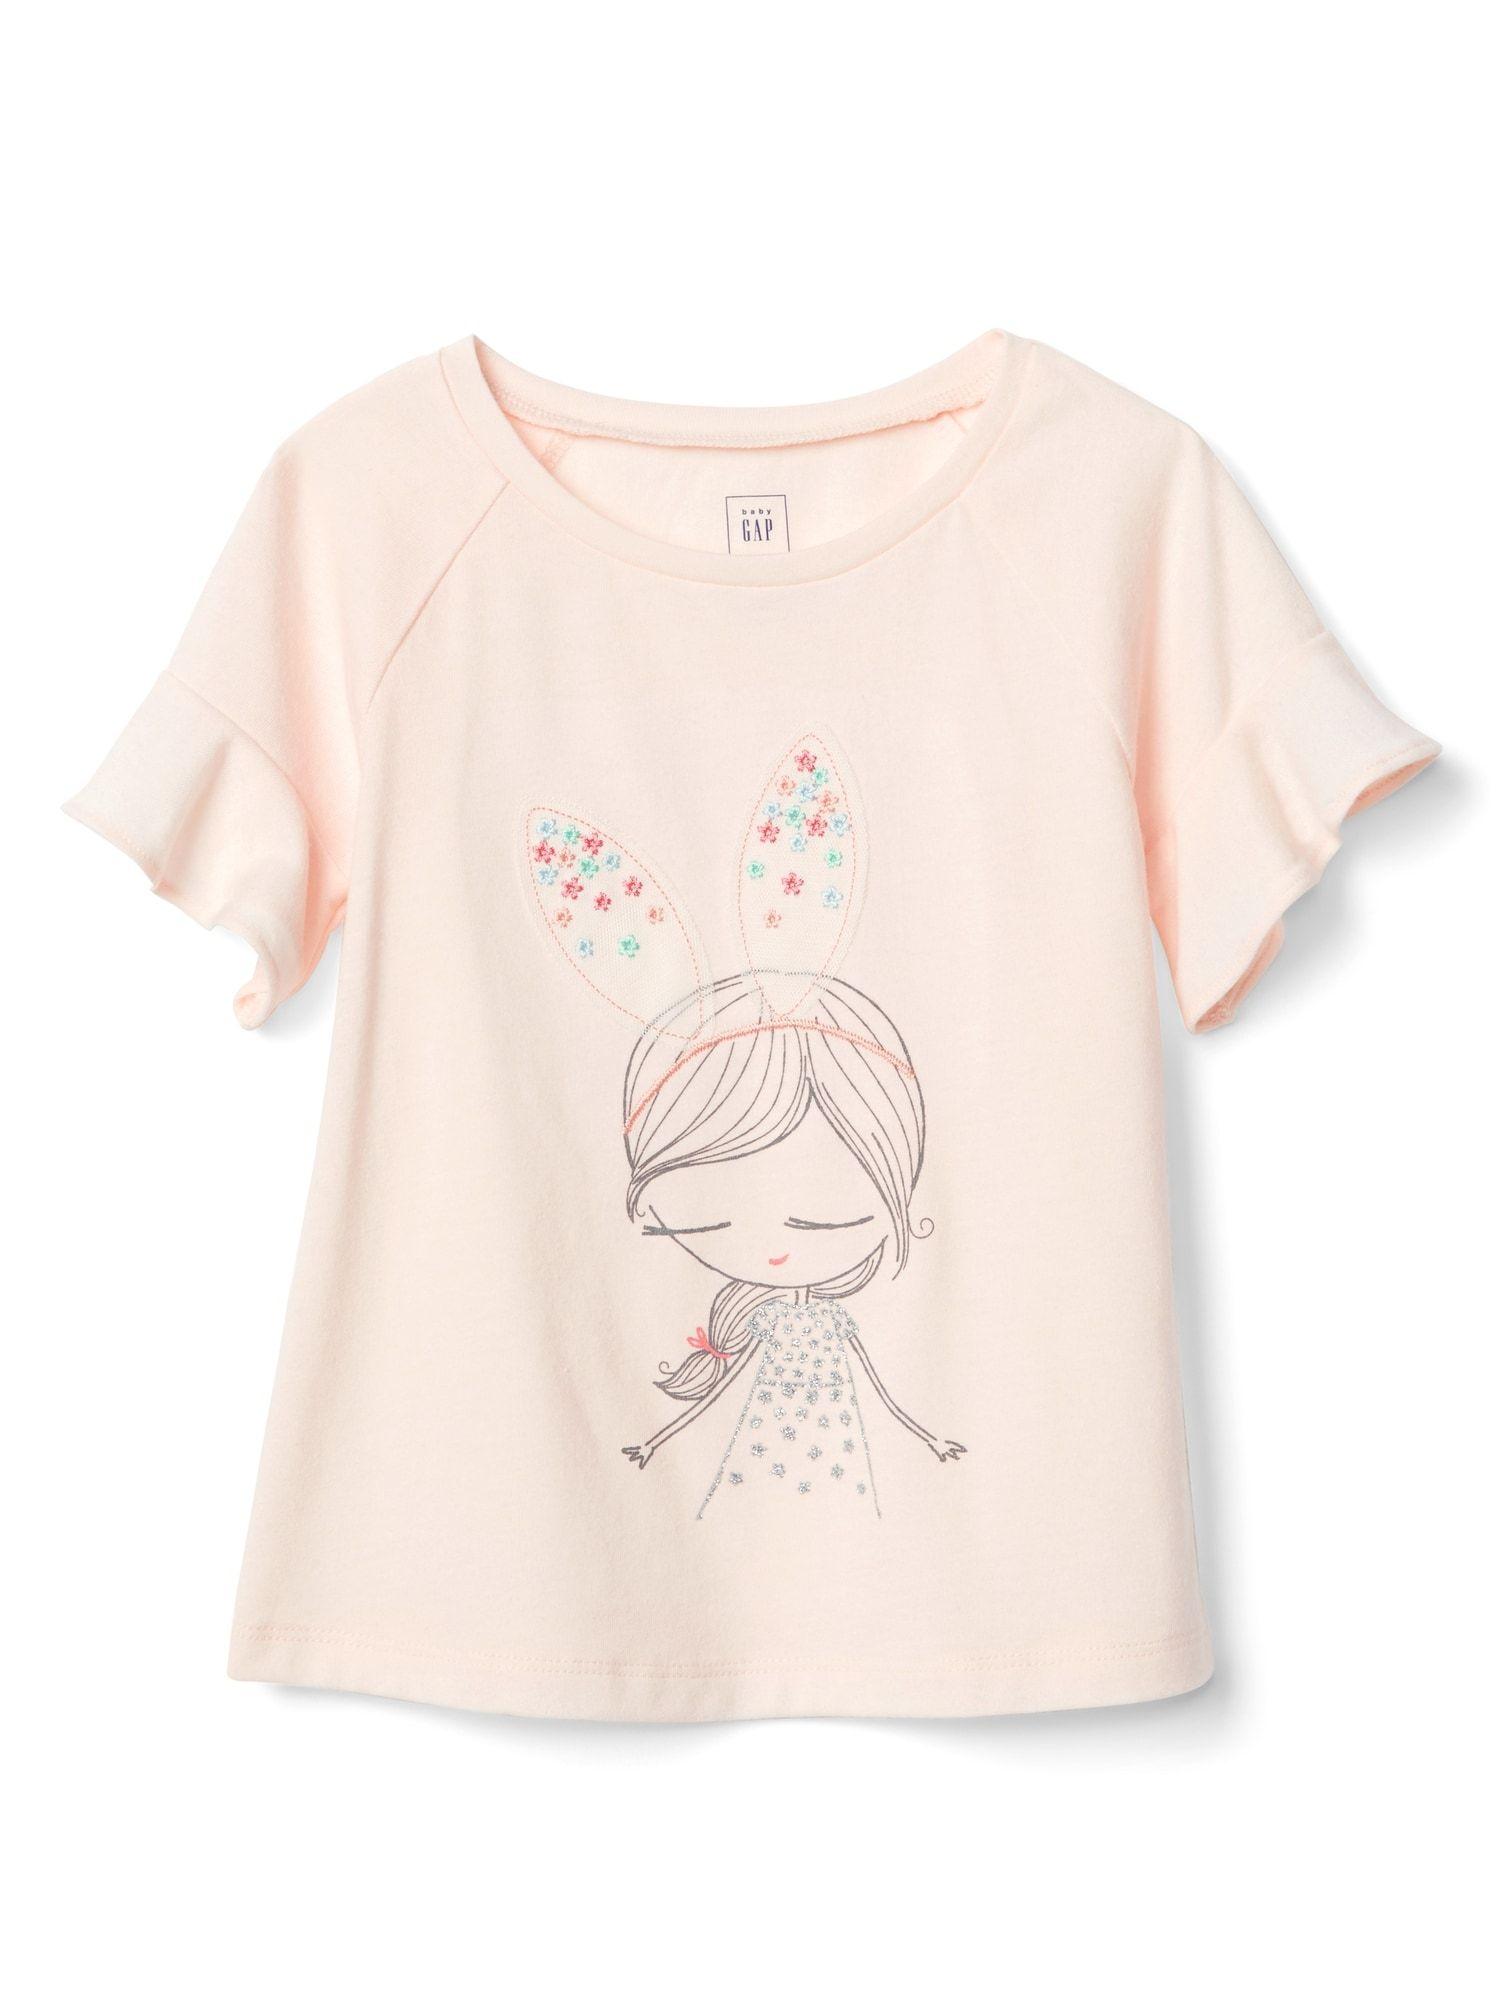 87e03a81b Graphic Flutter T-Shirt